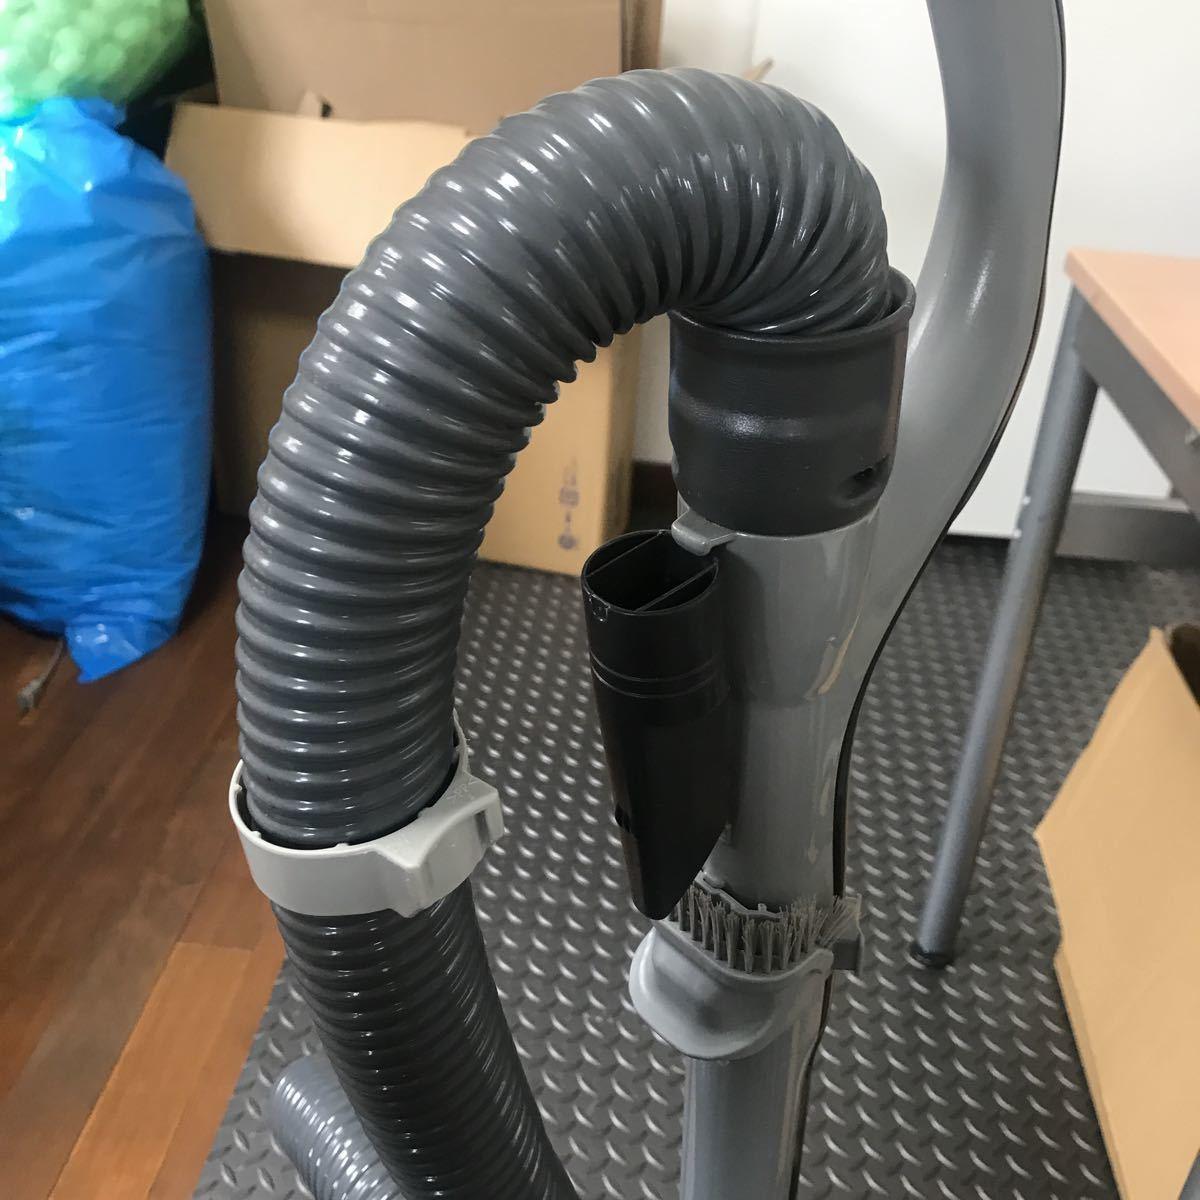 パナソニック 電気掃除機 2012年製 動作品_画像3